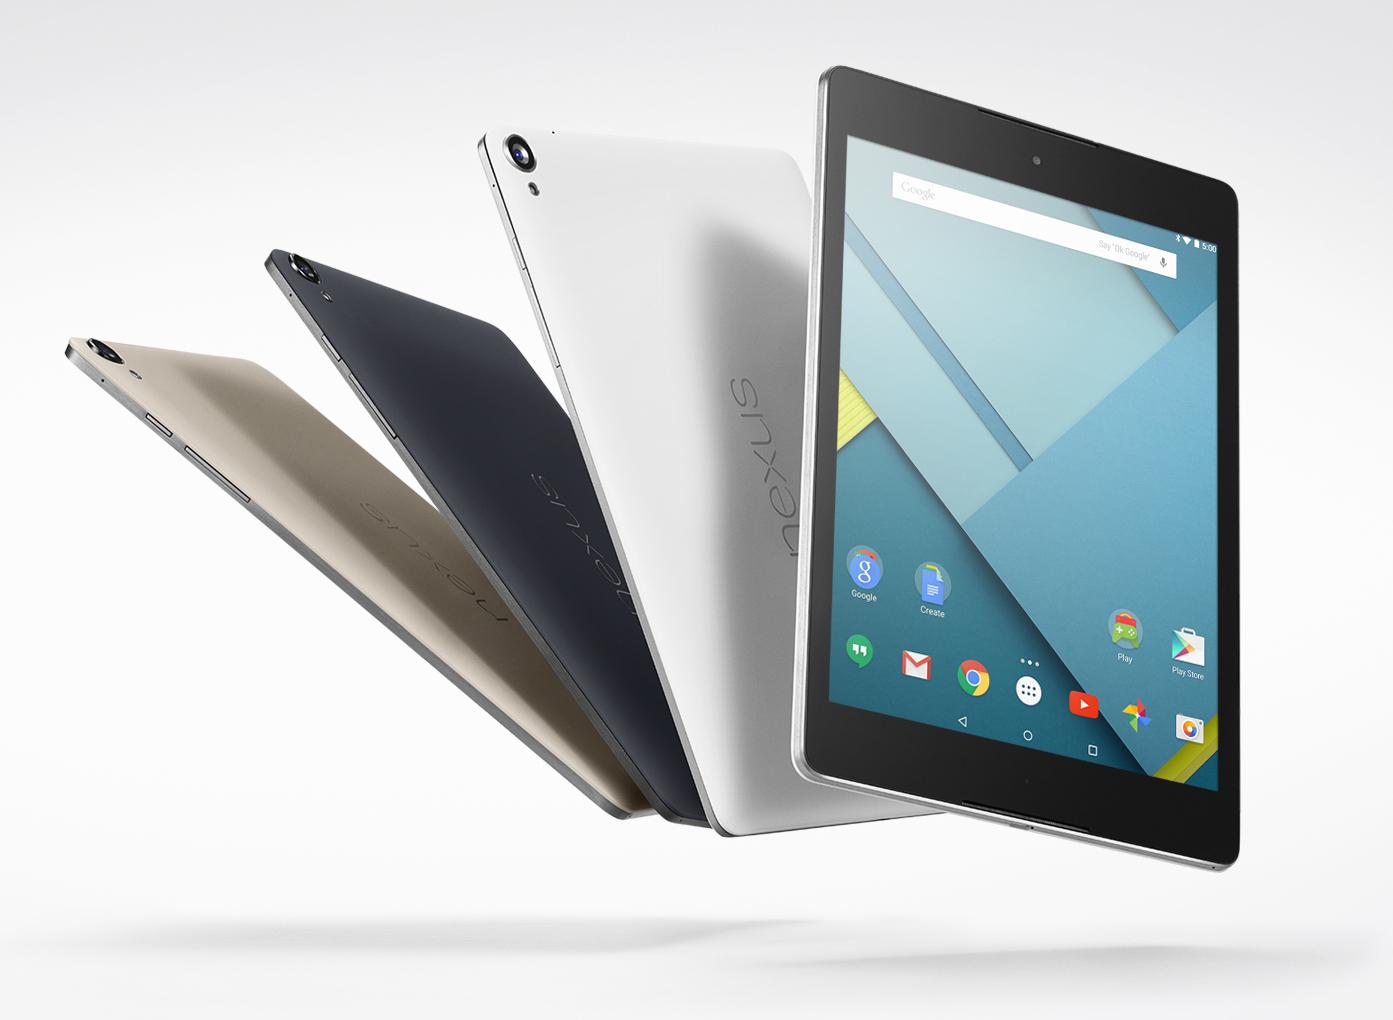 Nexus 9 vs. iPad Air 2